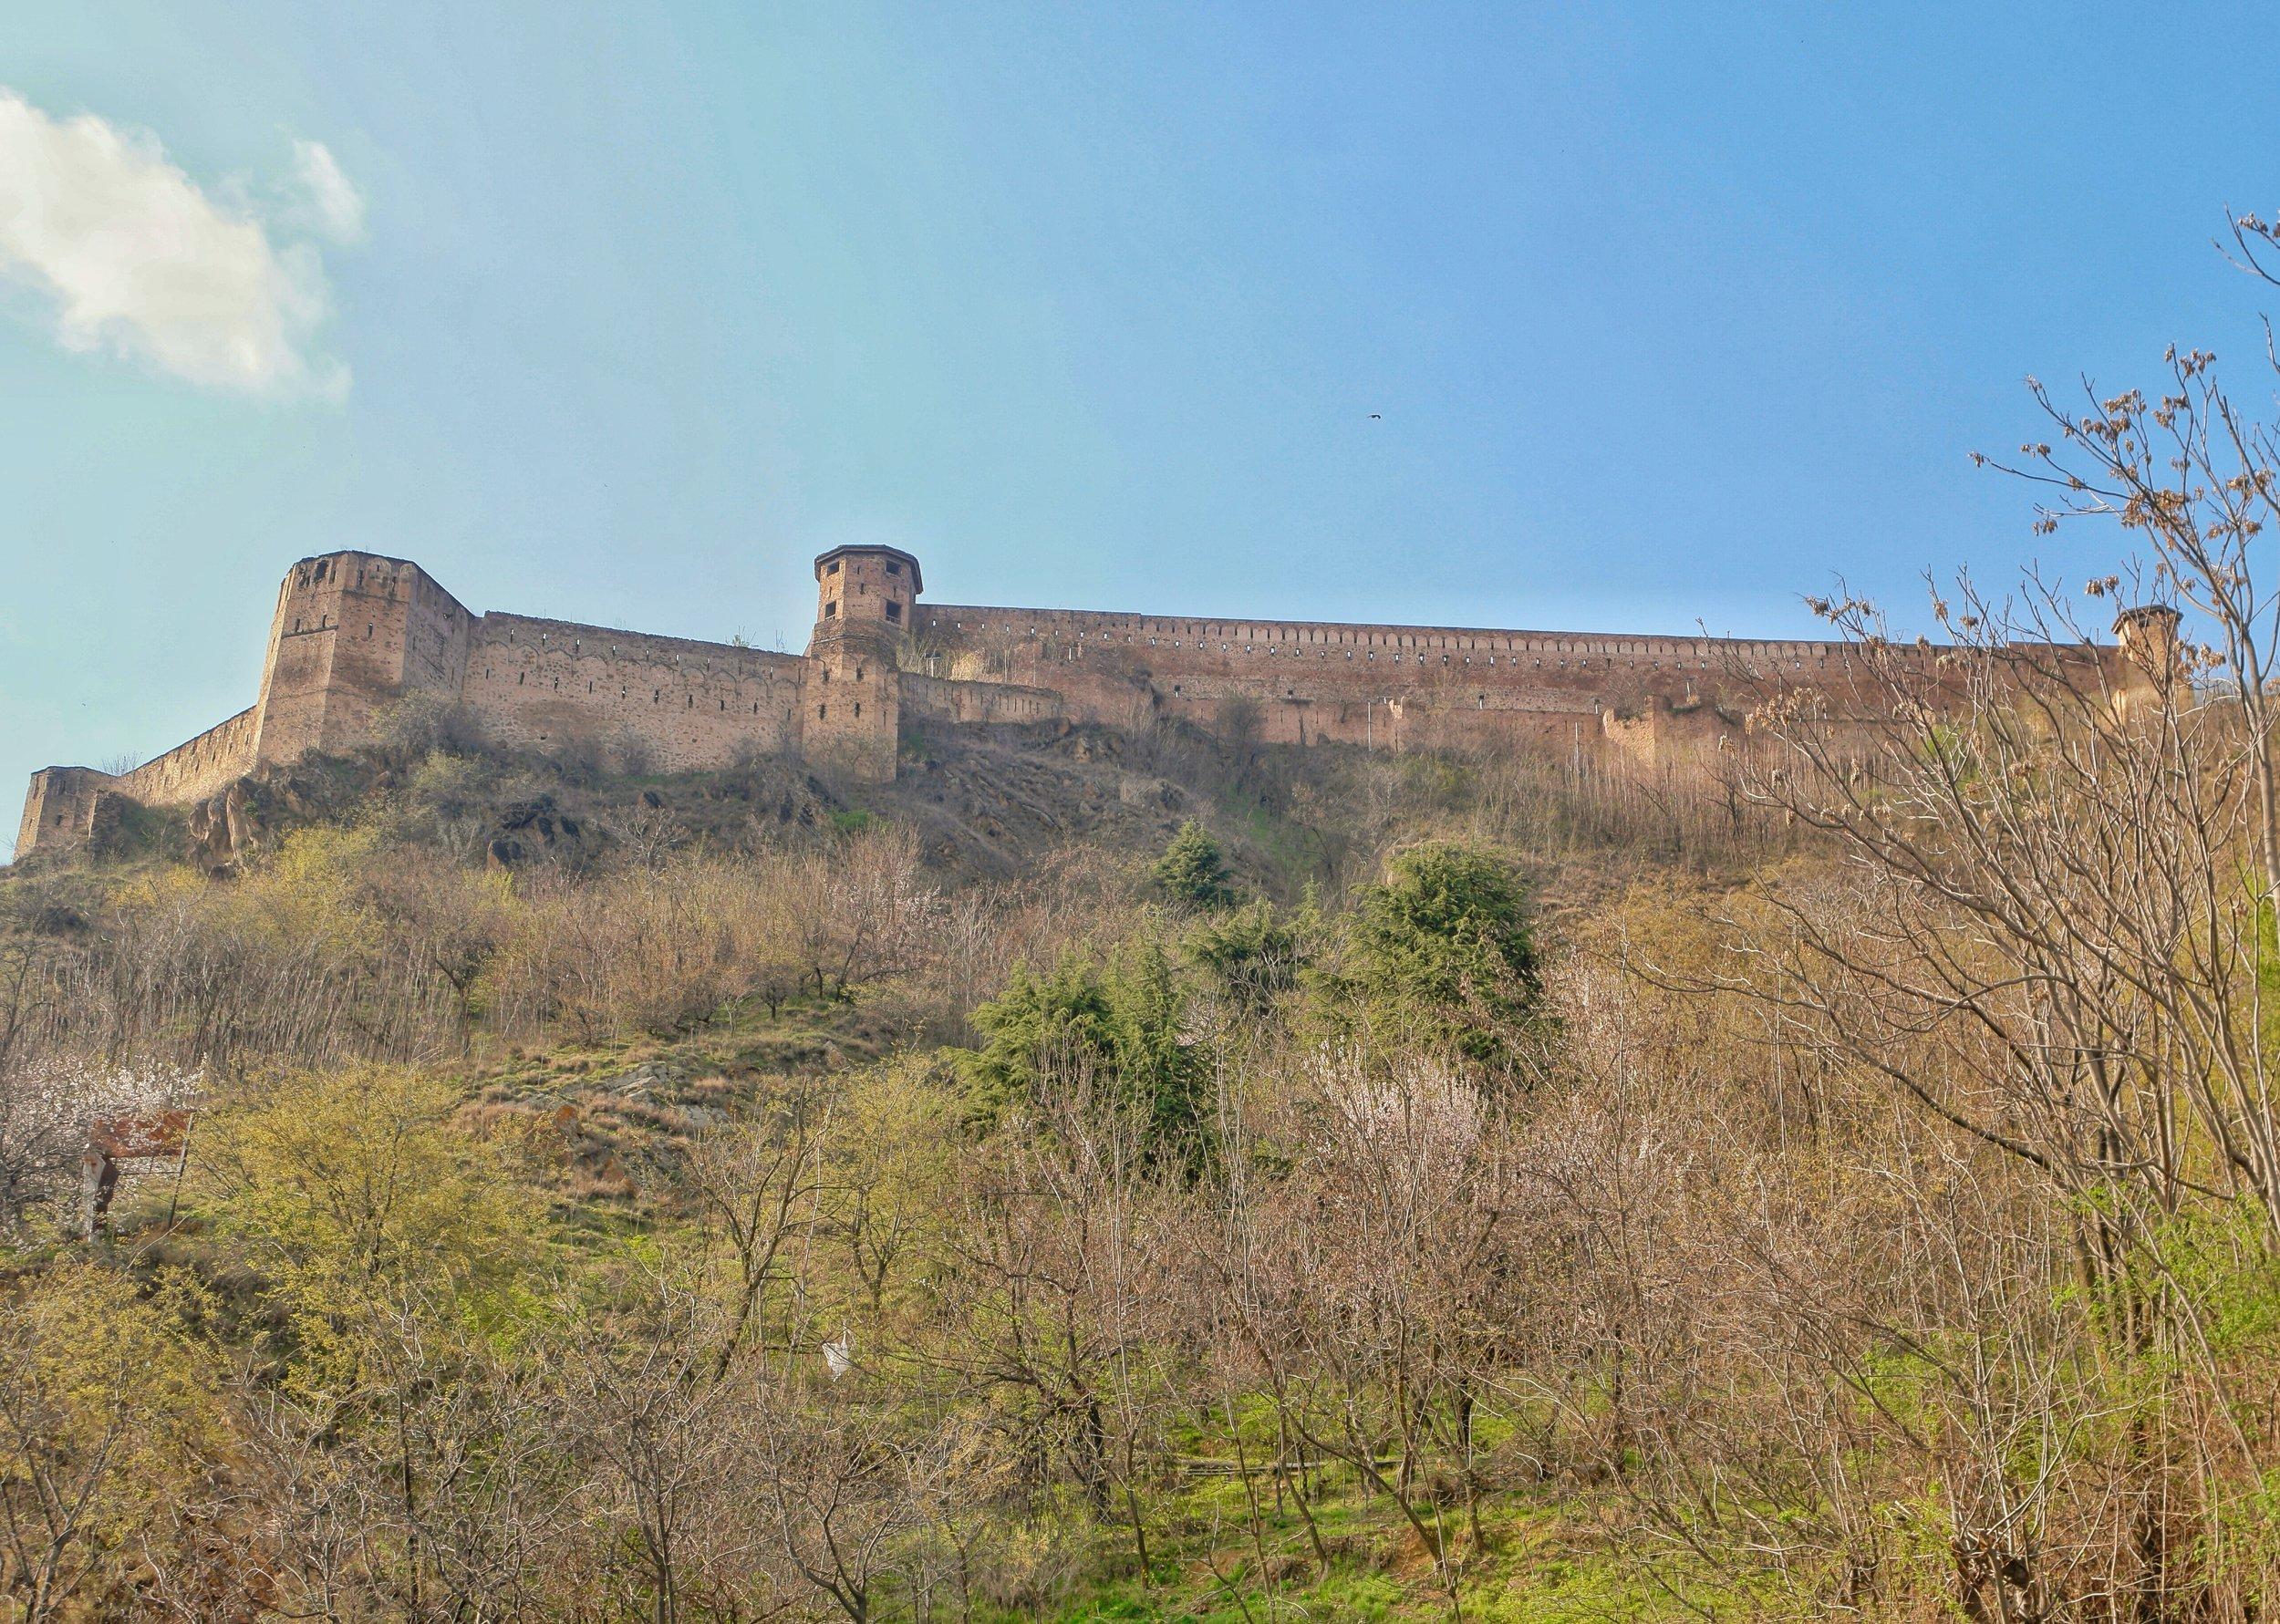 The Hari Parbat Fort as seen from the Badamwari below